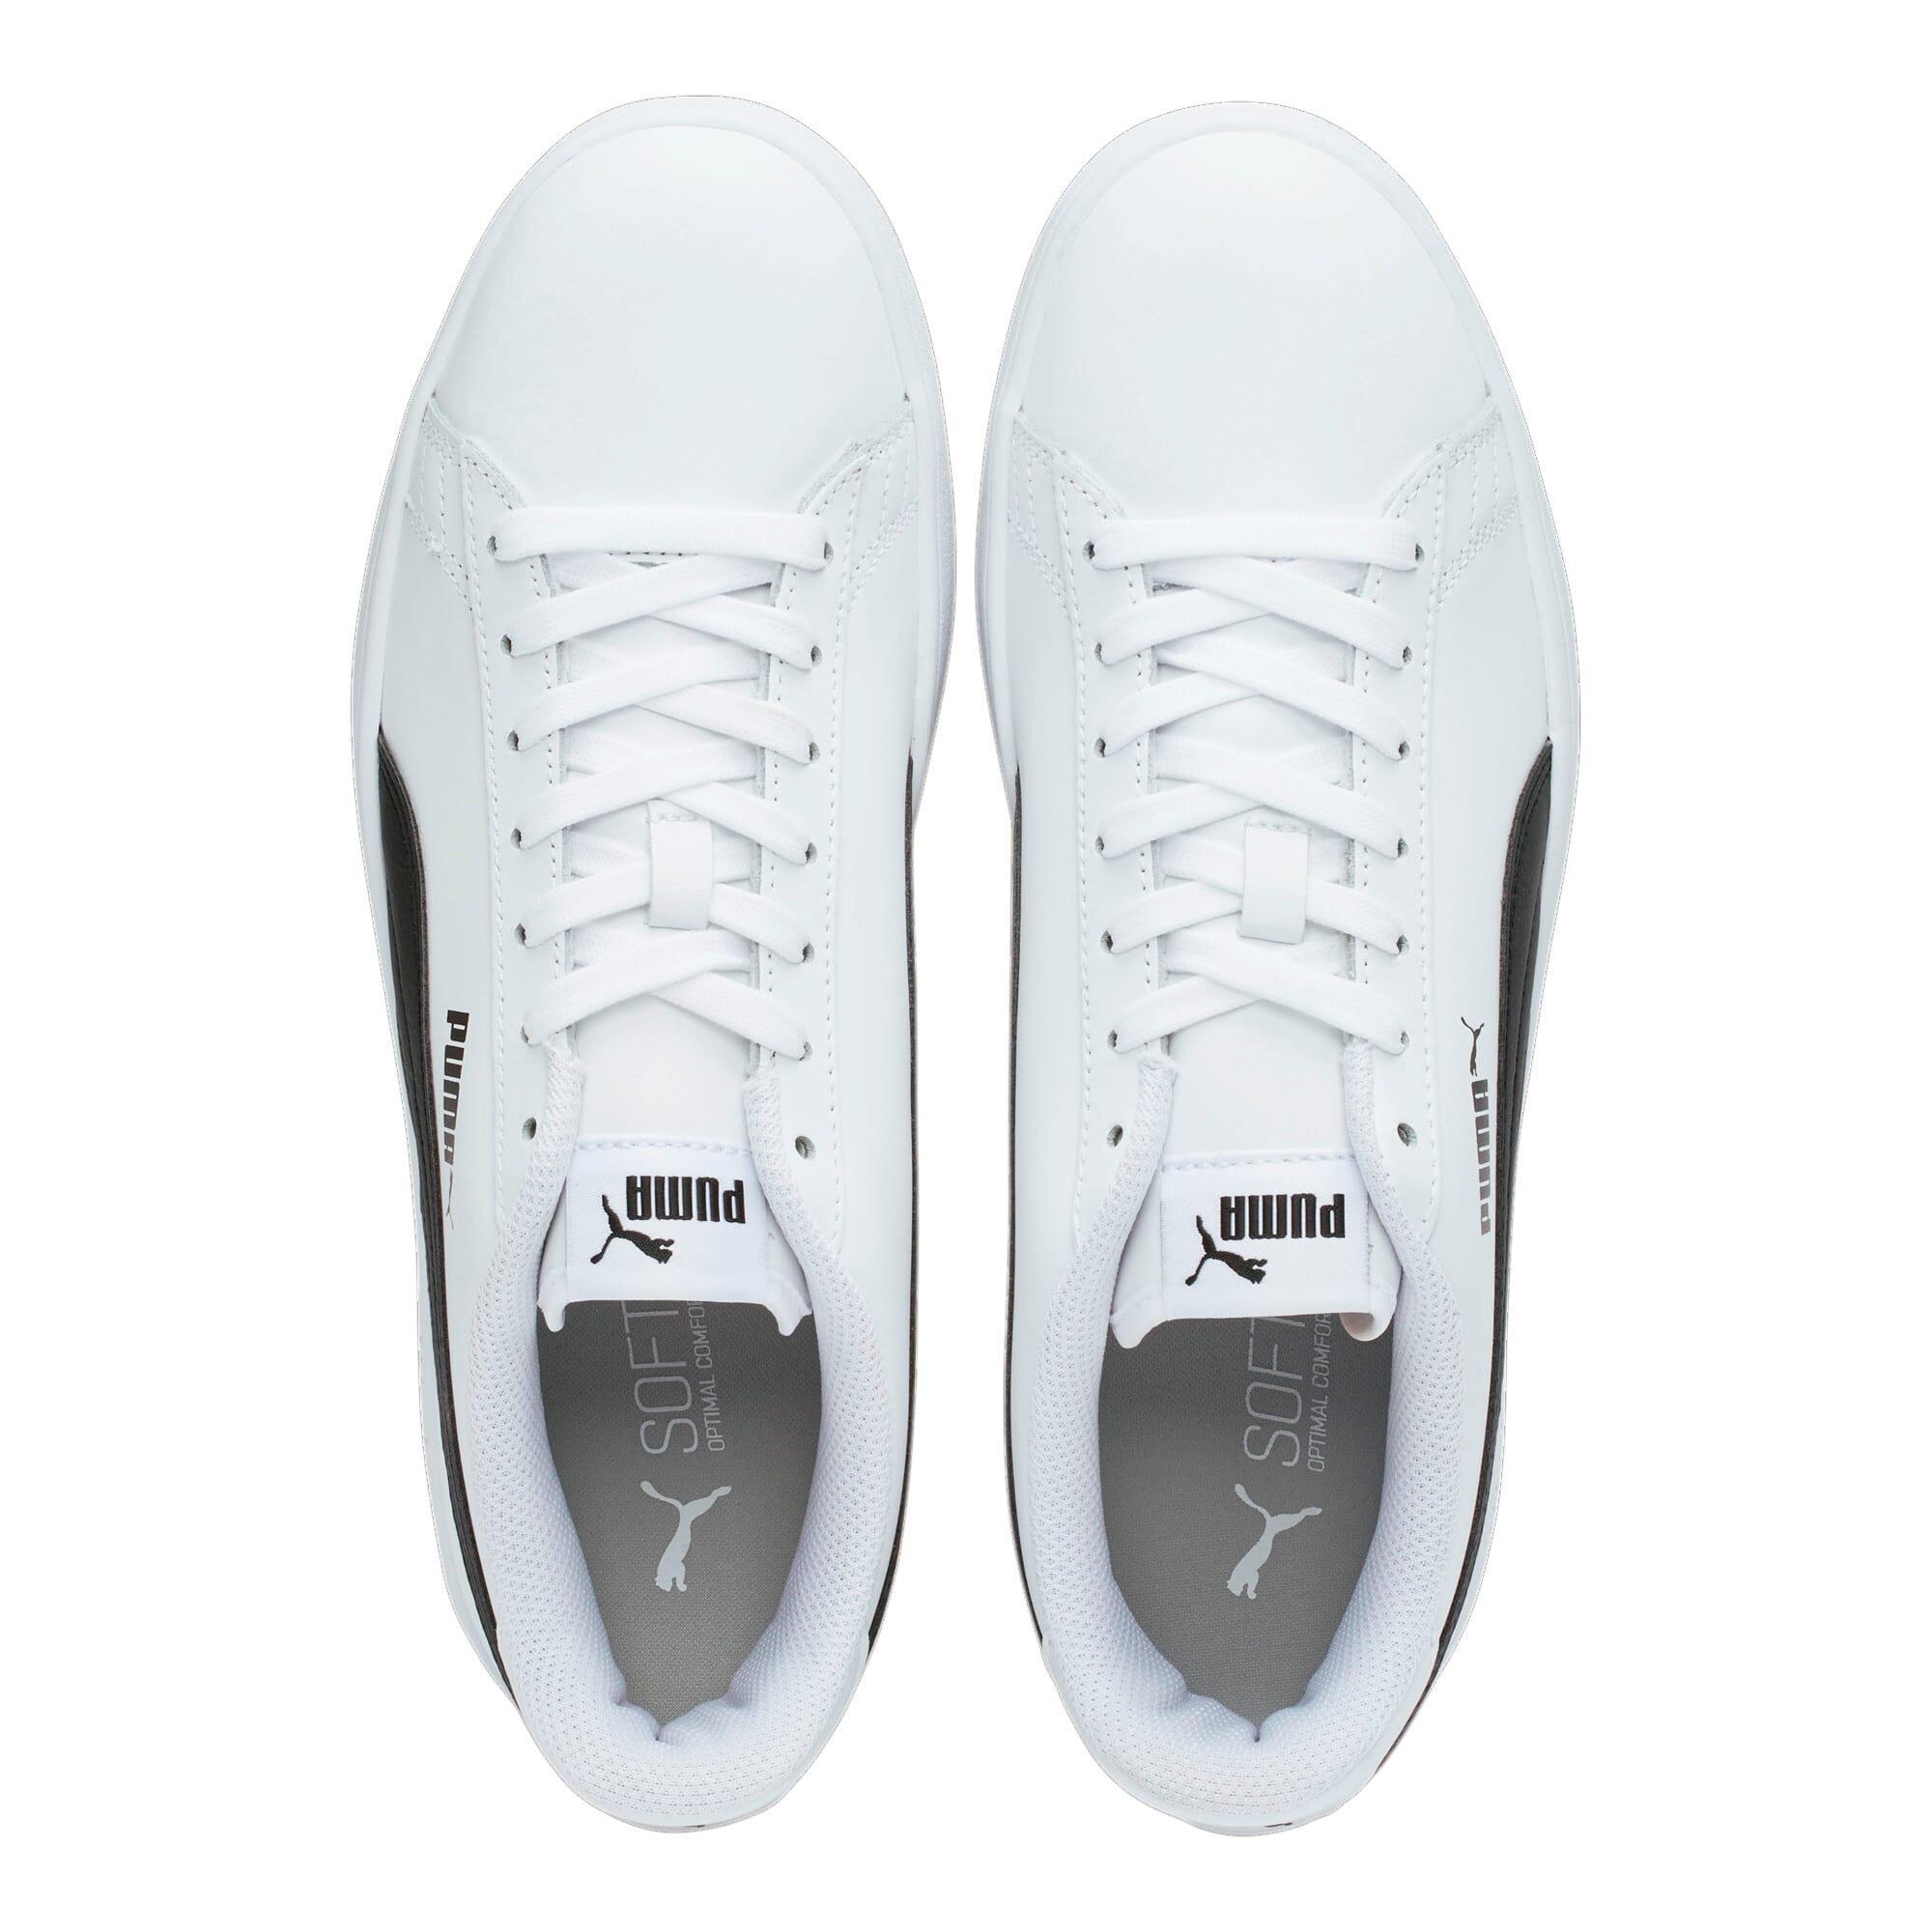 Thumbnail 6 of PUMA Smash v2 Sneakers, Puma White-Puma Black, medium